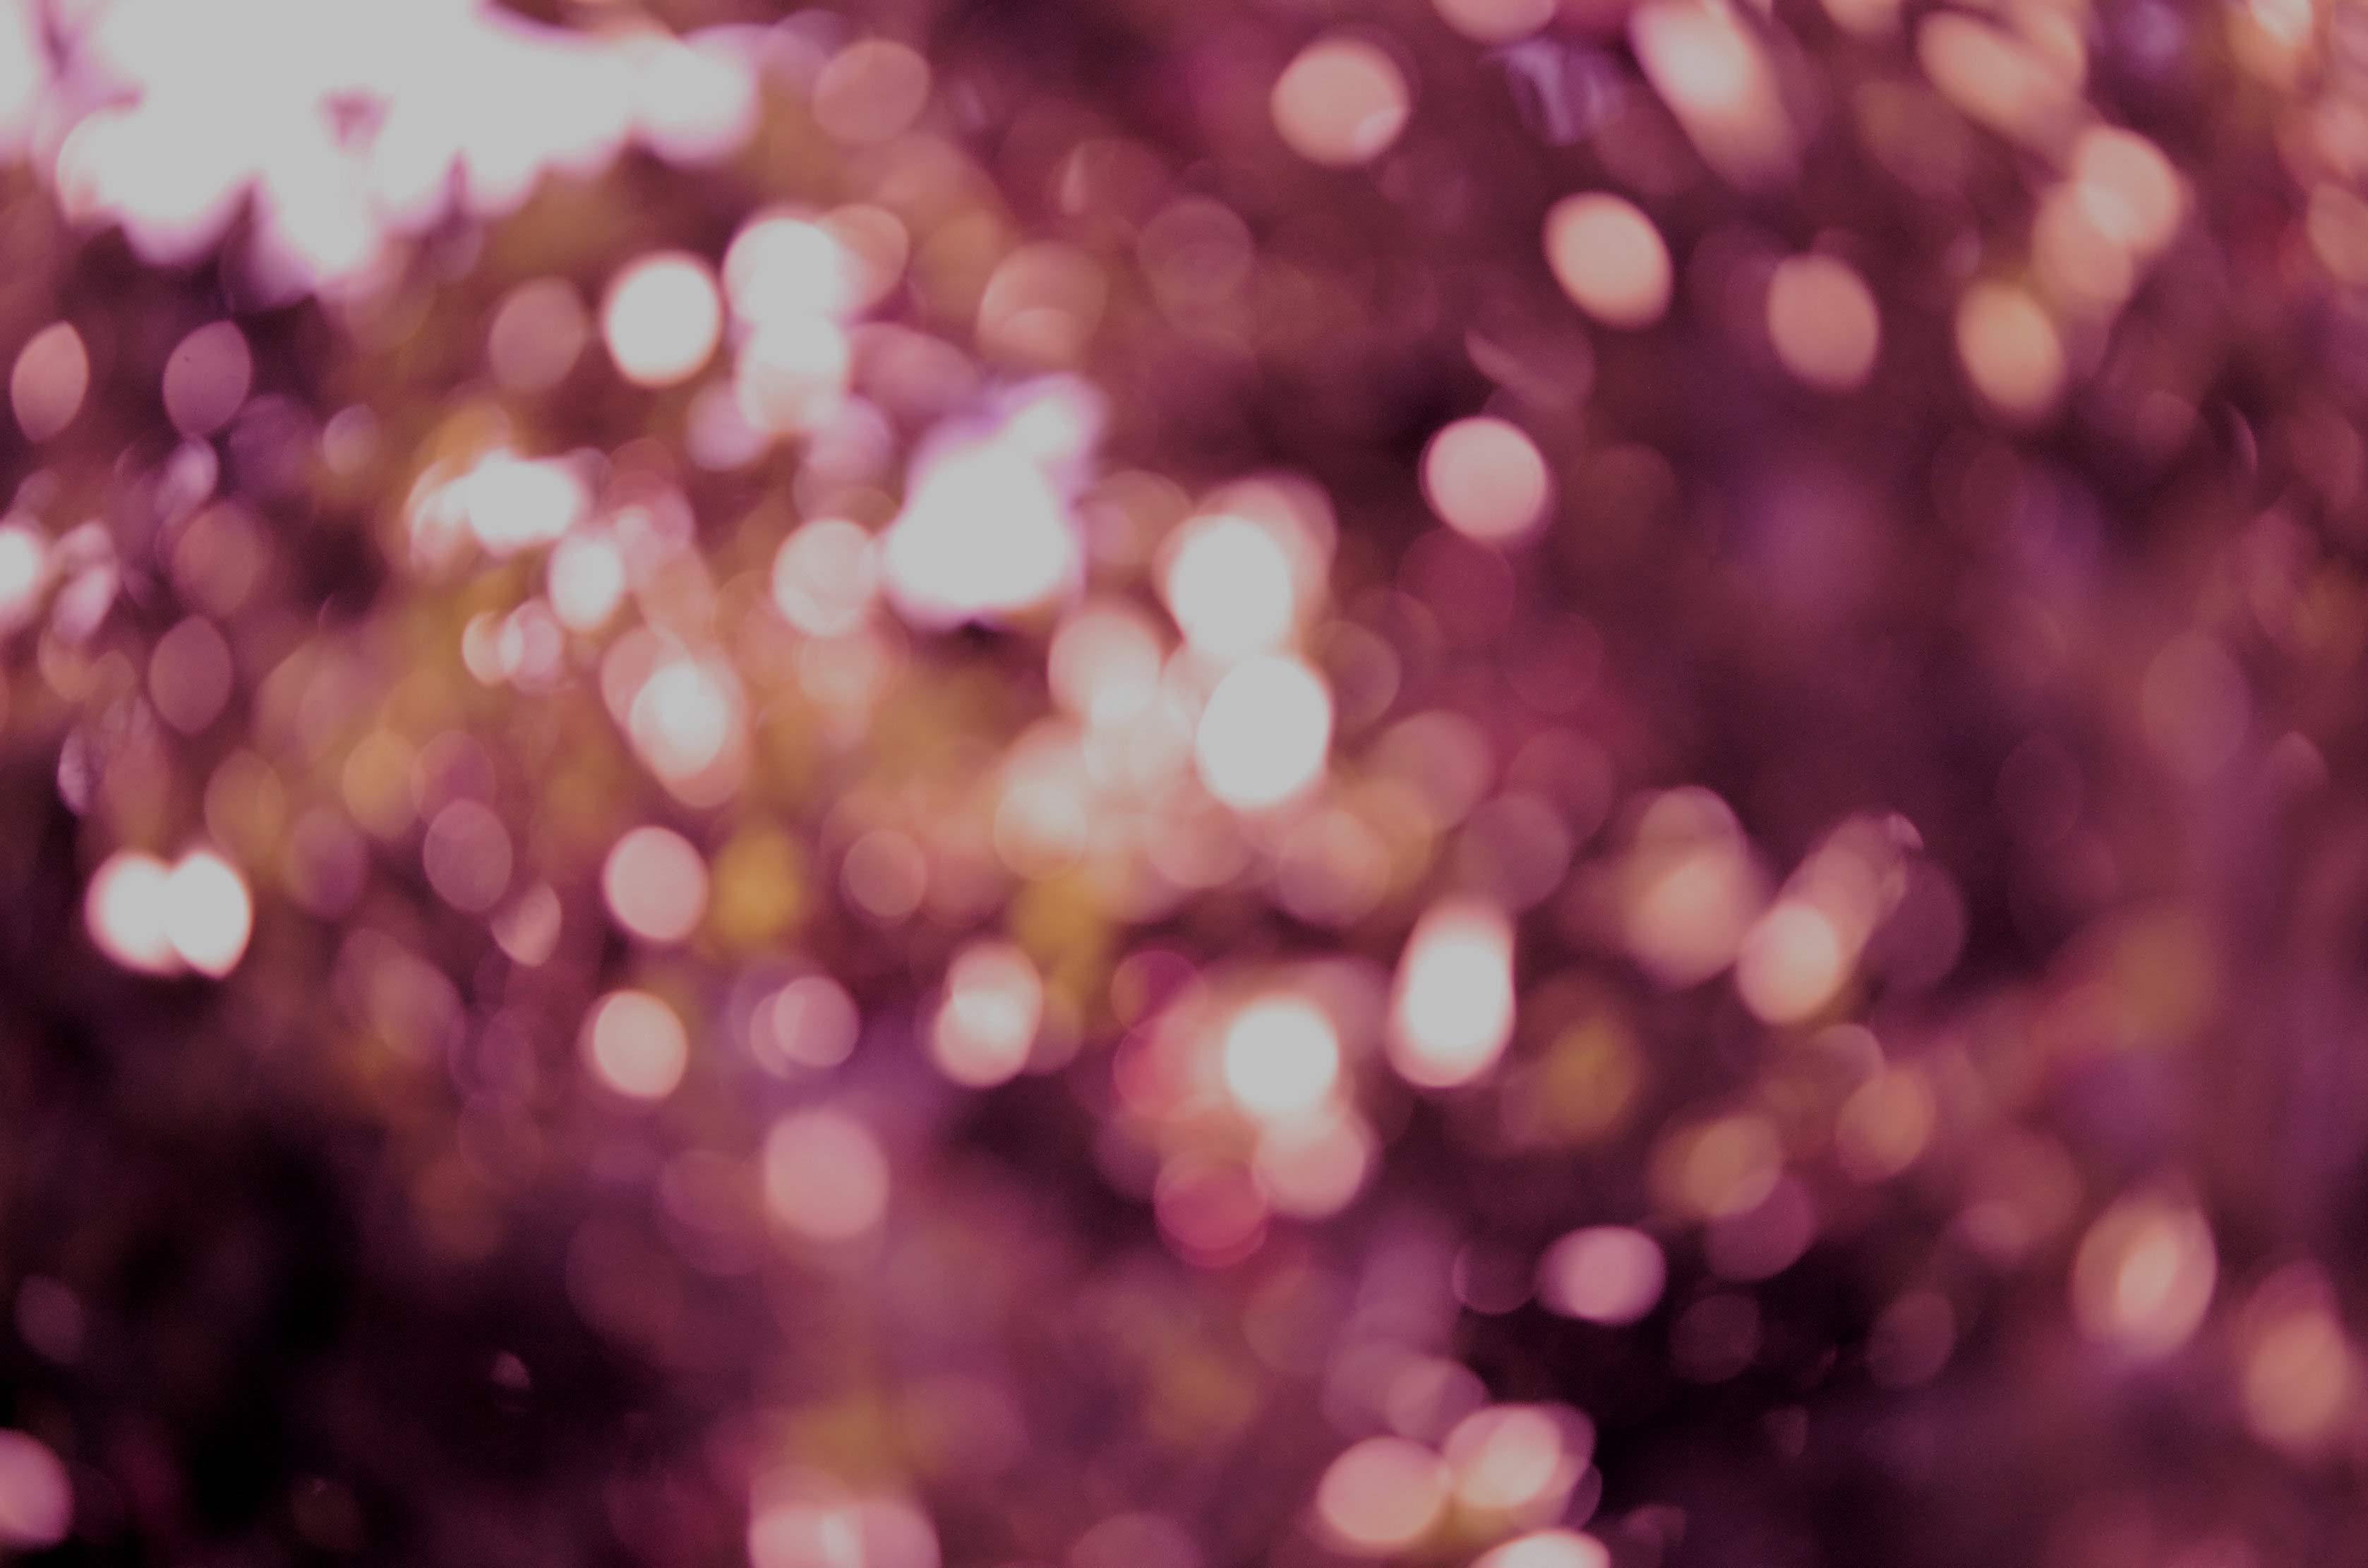 Background Blur effect